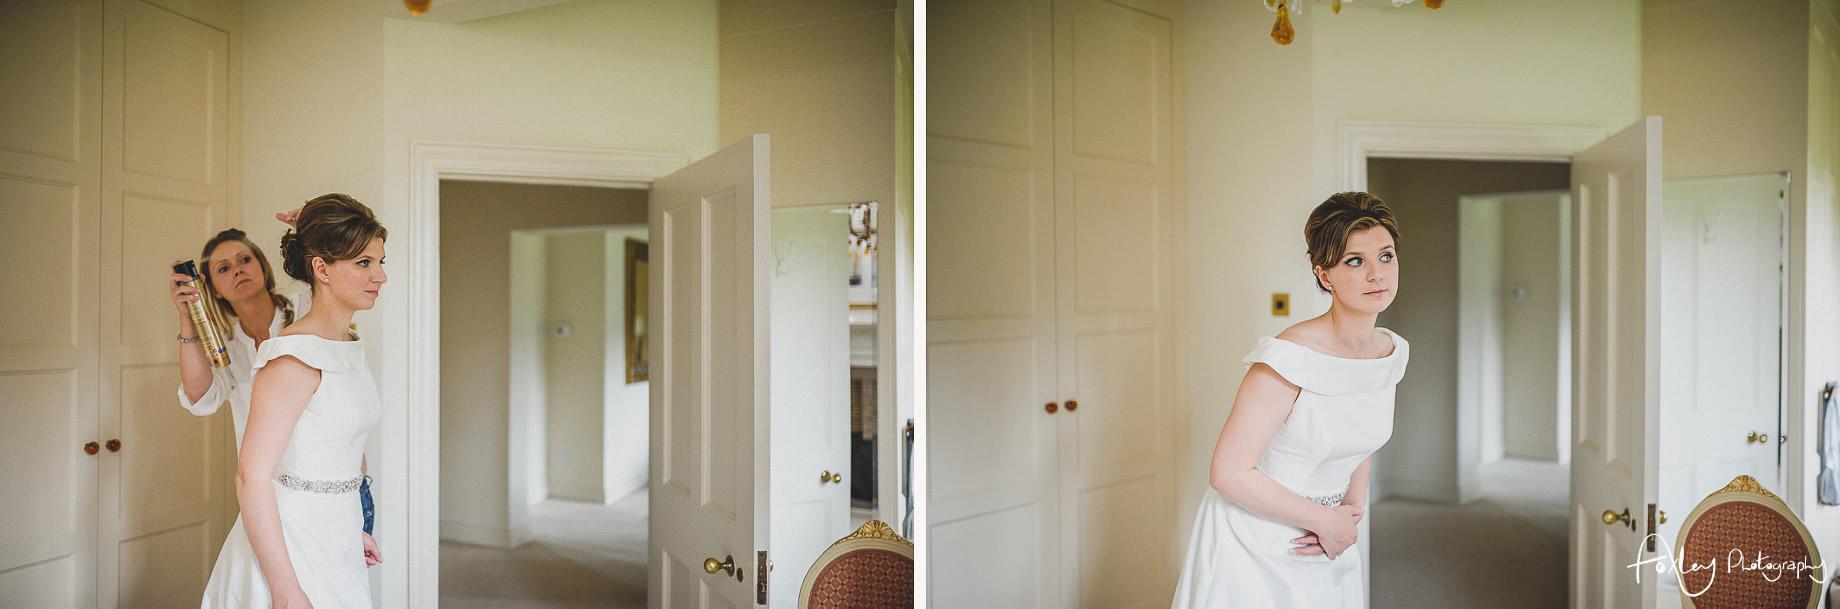 Simona-and-Robert-Wedding-at-Colshaw-Hall-081